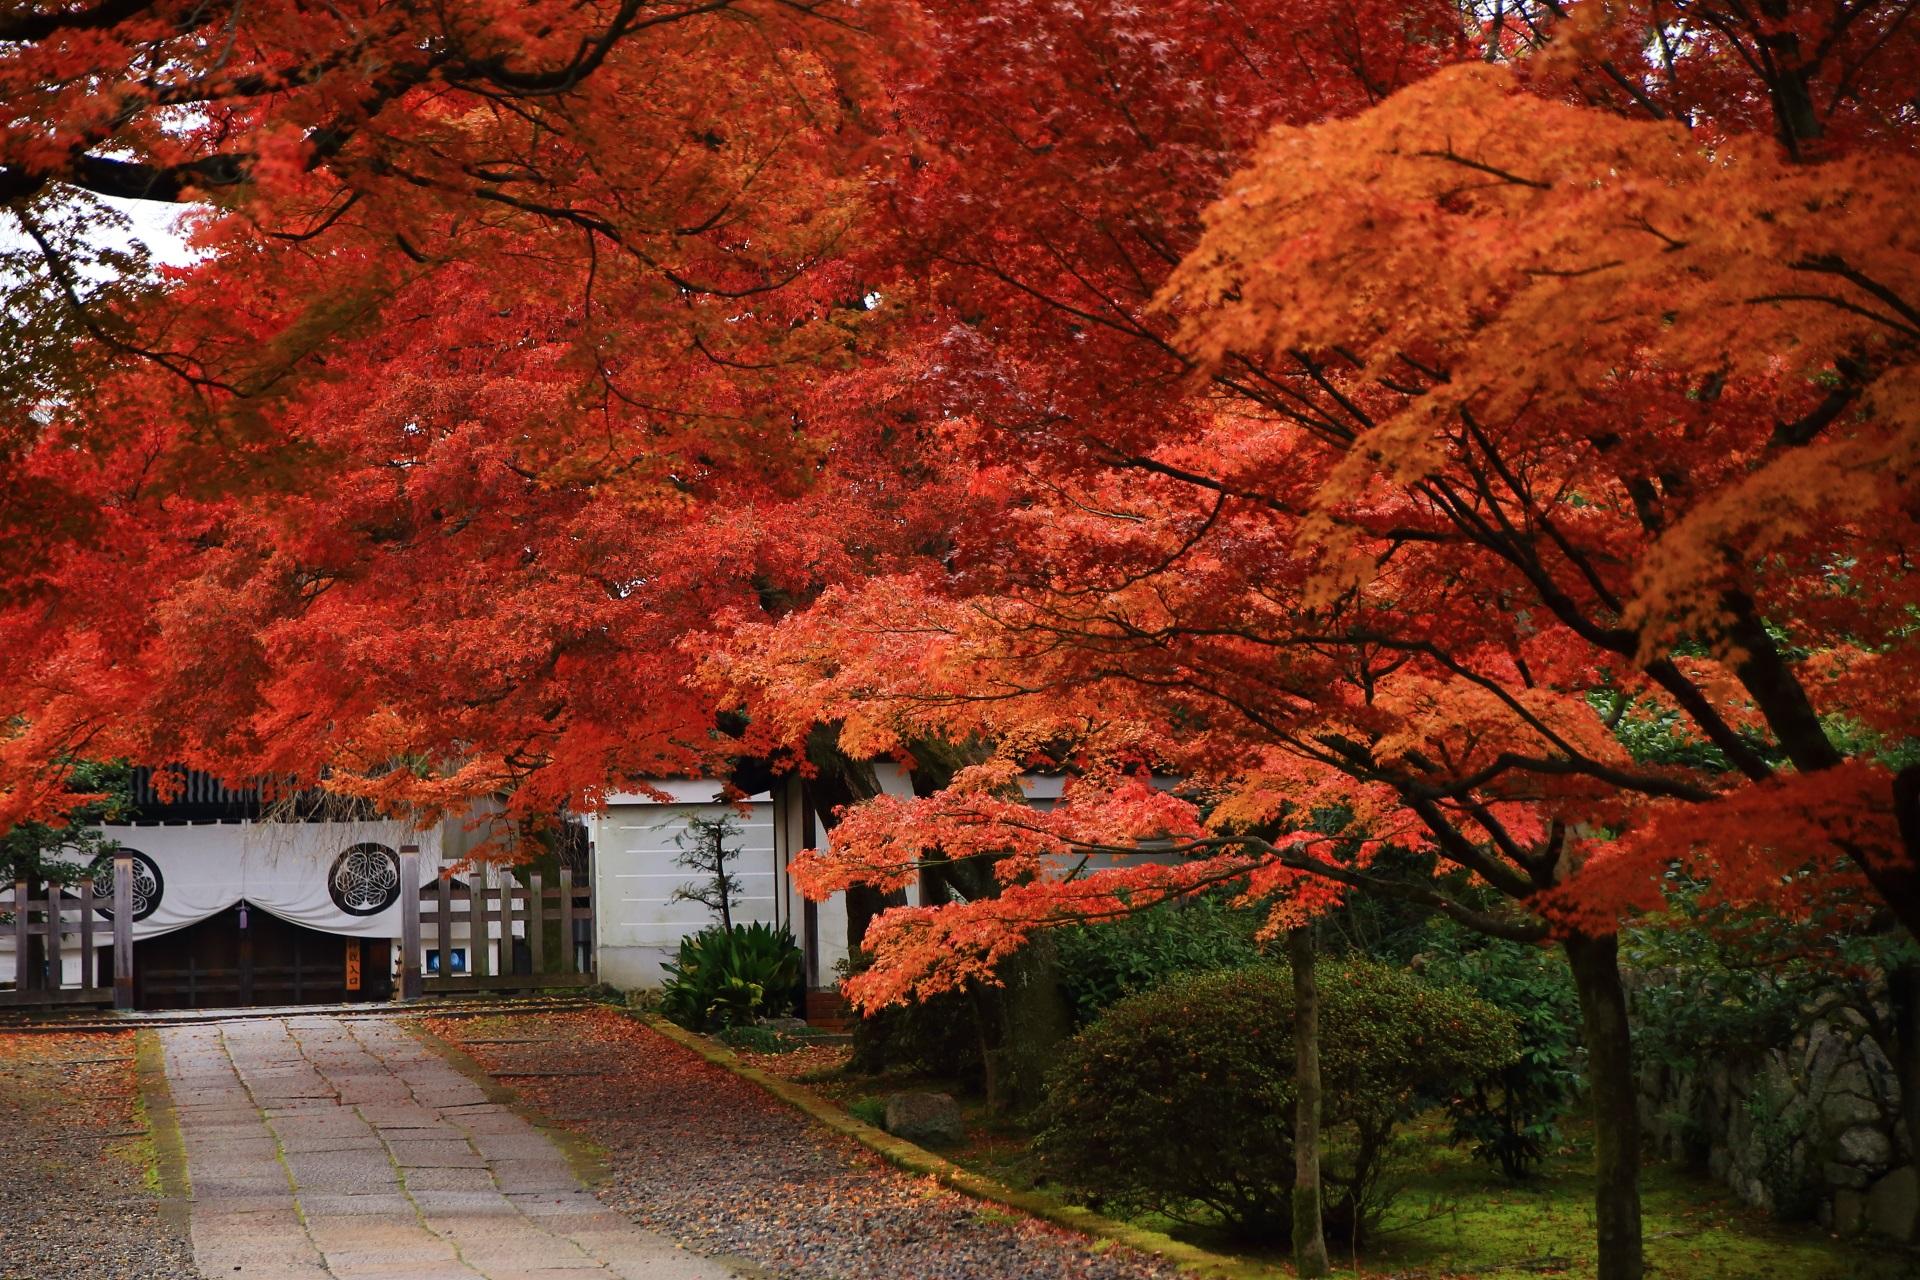 燃えたぎるように参道や境内を覆う絶品の紅葉